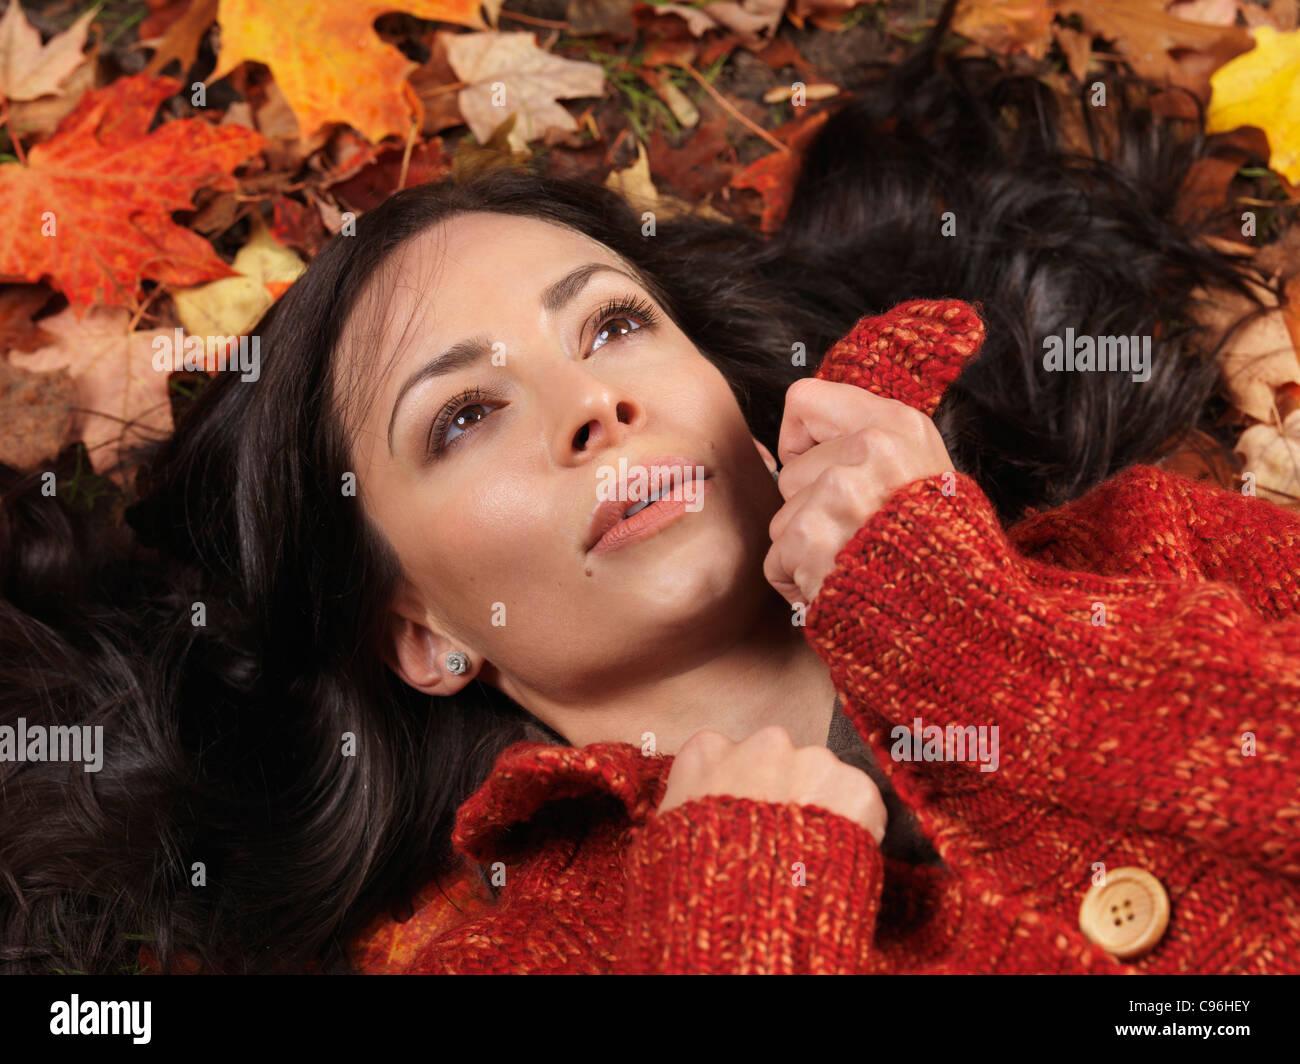 Schöne Frau mit verträumten Ausdruck auf bunten Laub liegend Stockbild